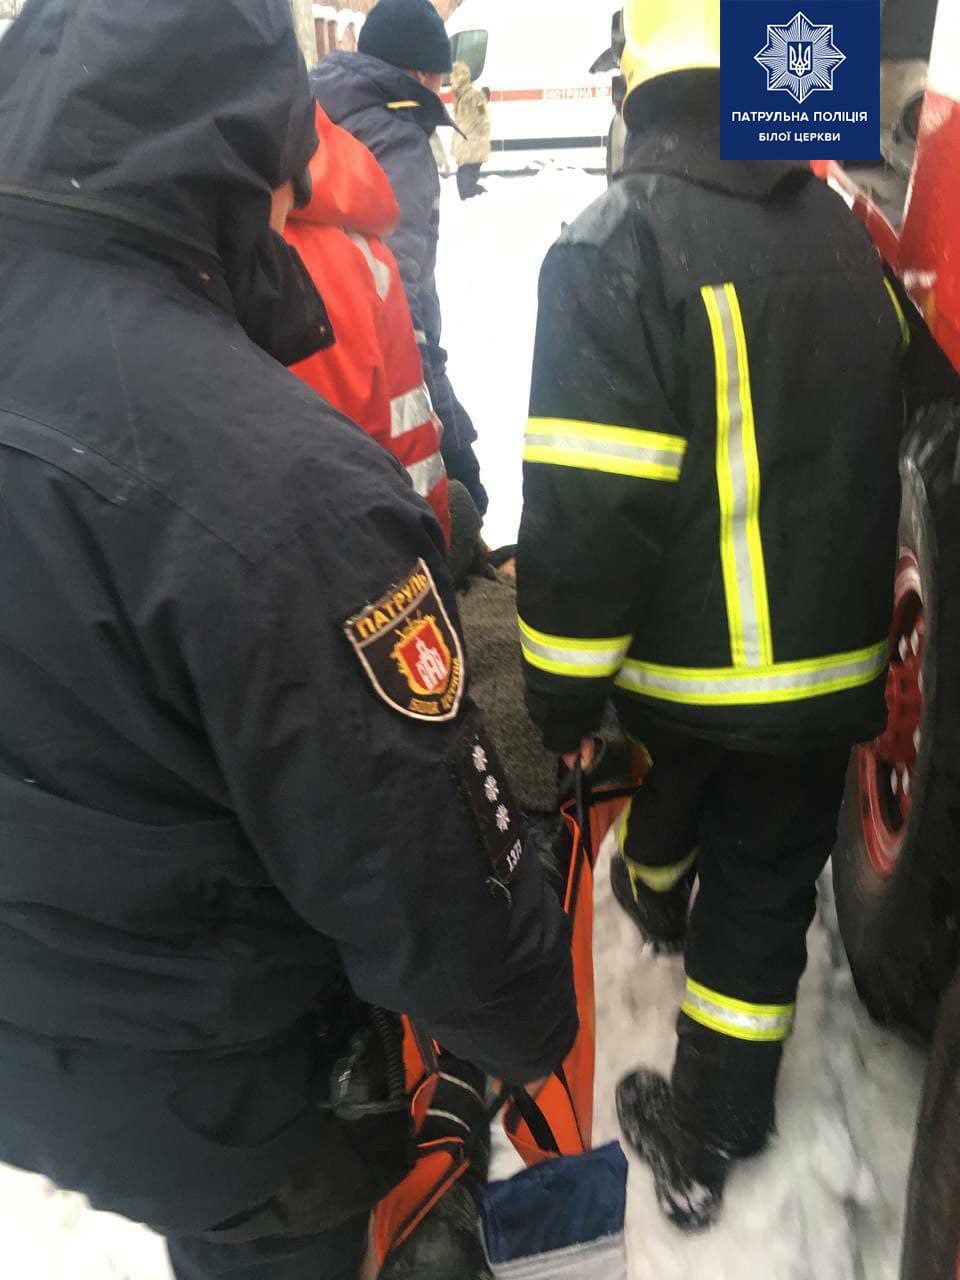 Біла Церква: рятувальники й патрульні врятували жінку з пожежі - рятувальники, патрульні, загорання житлового будинку, жінка - 148614684 1907117602788624 6029048418438292122 o